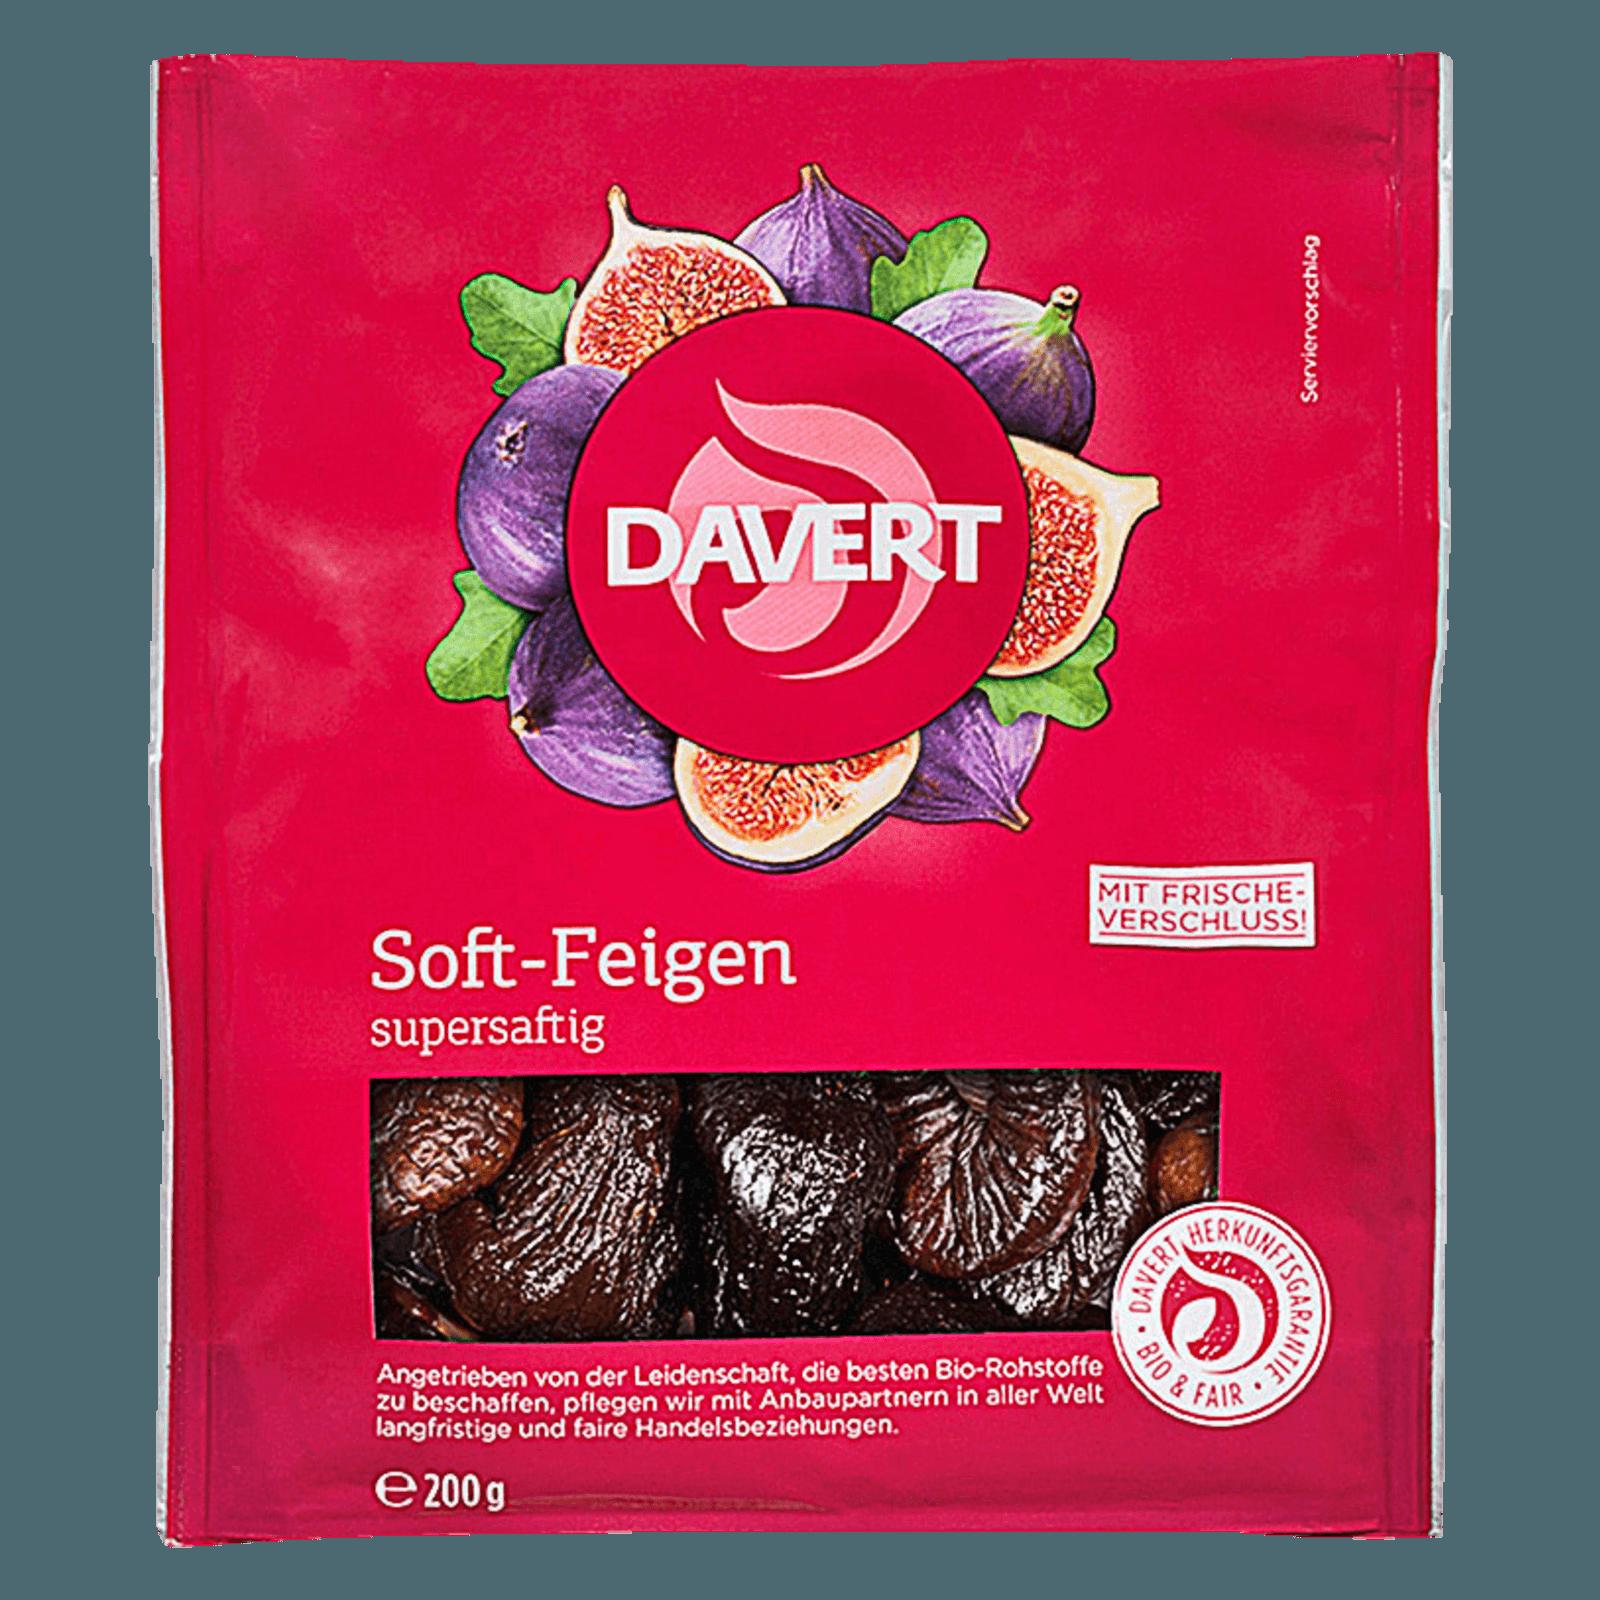 Davert Soft Feigen 200g